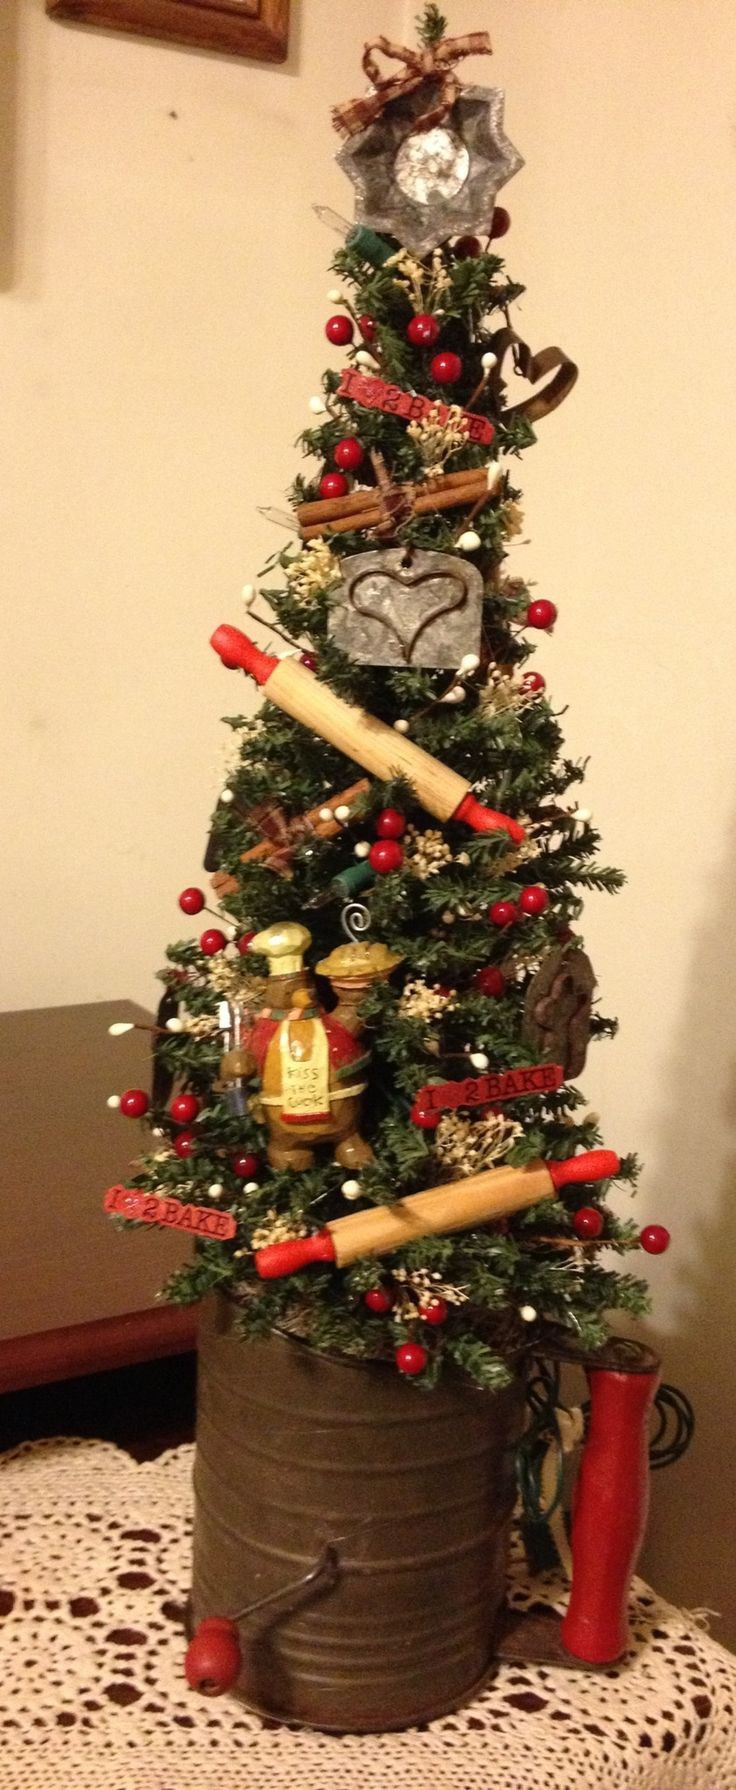 51efeb40c02106b9cee89e9cff3b5390.jpg 842×2,048 pixels (Christmas Bake Trees)